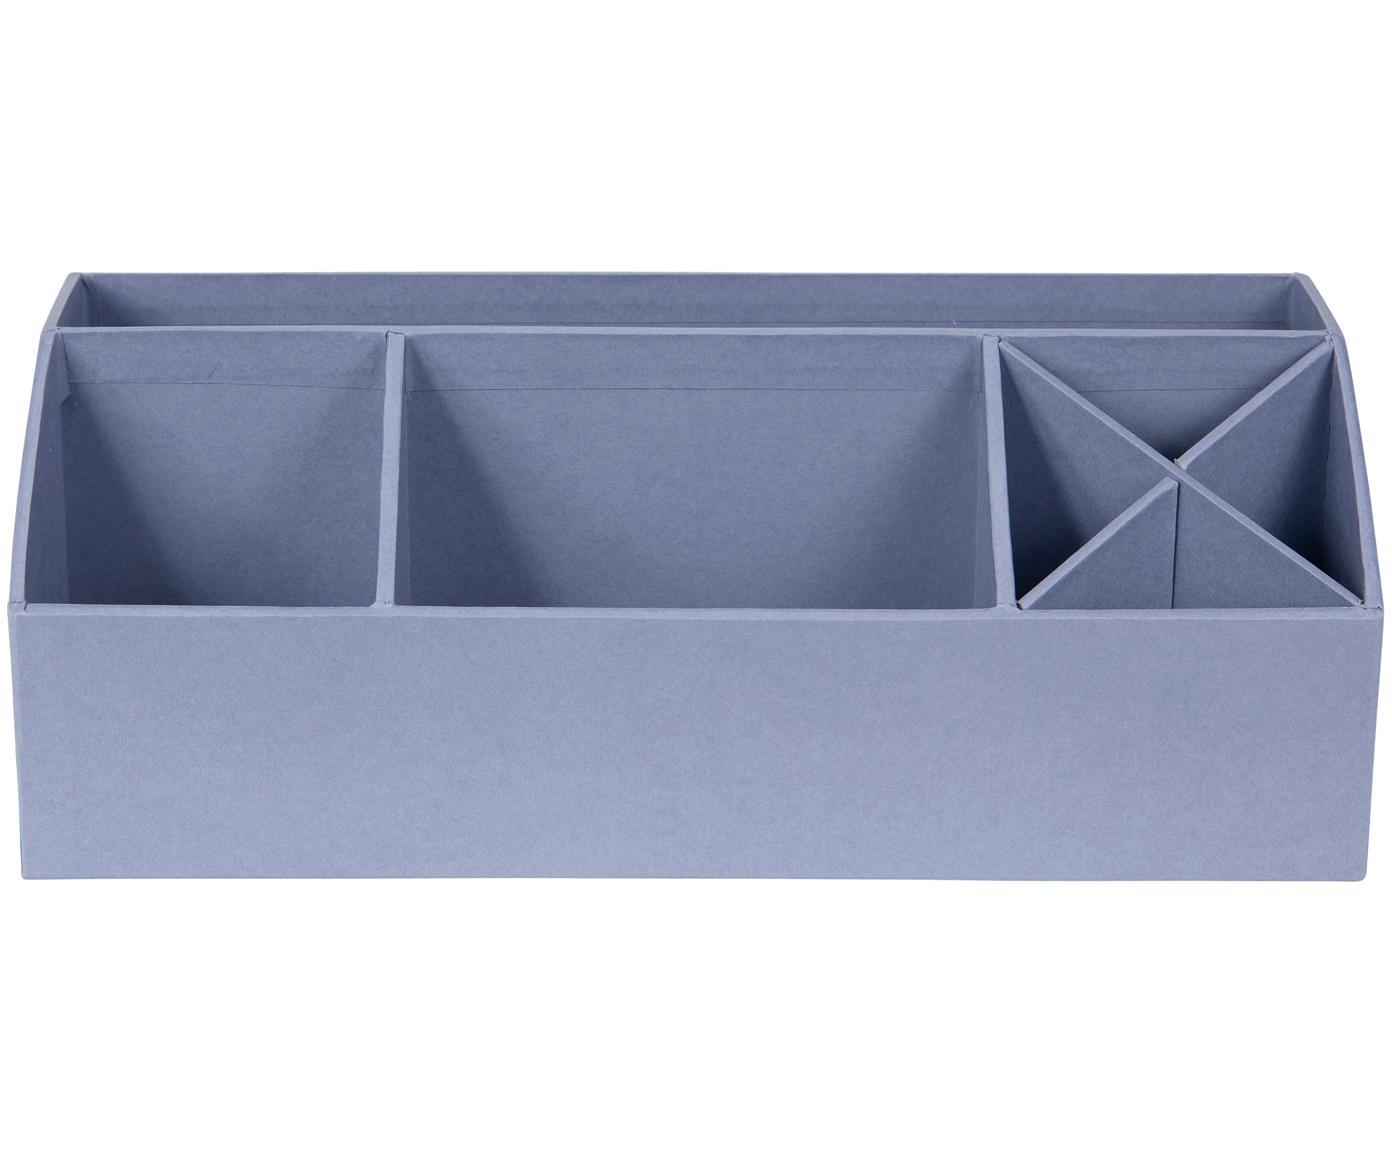 Organizador de escritorio Elisa, Cartón laminado macizo, Gris azulado, An 33 x Al 13 cm